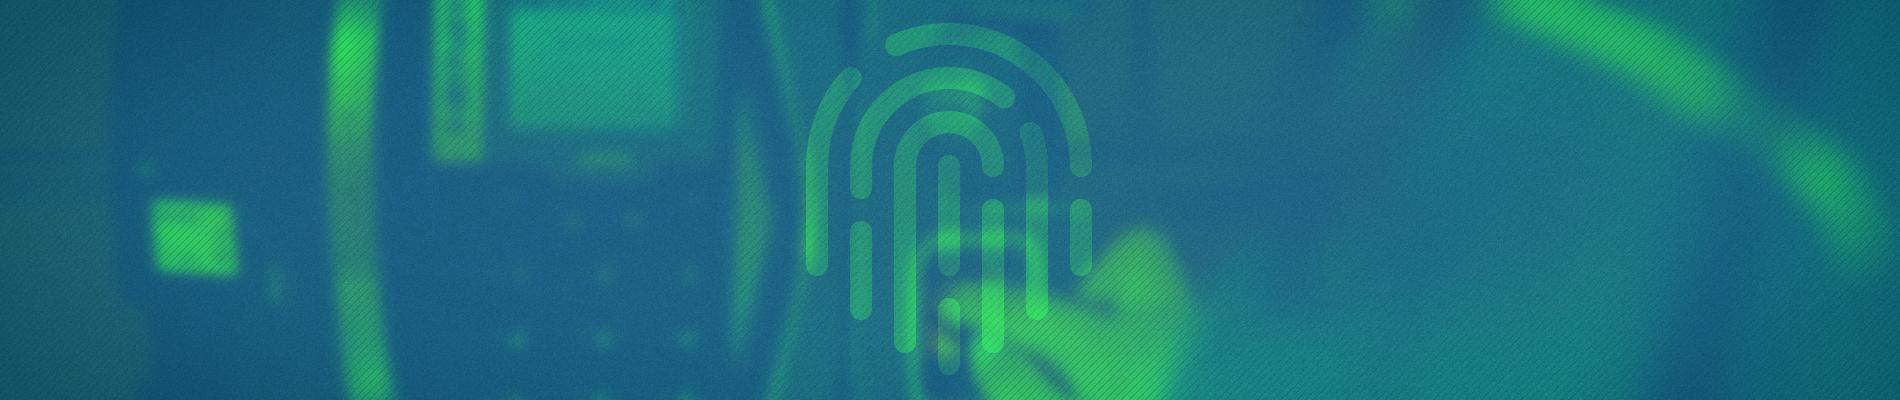 imagem desfocada com filtro gradiente azul e verde de uma pessoa colocando a impressão digital na máquina de ponto eletrônico.